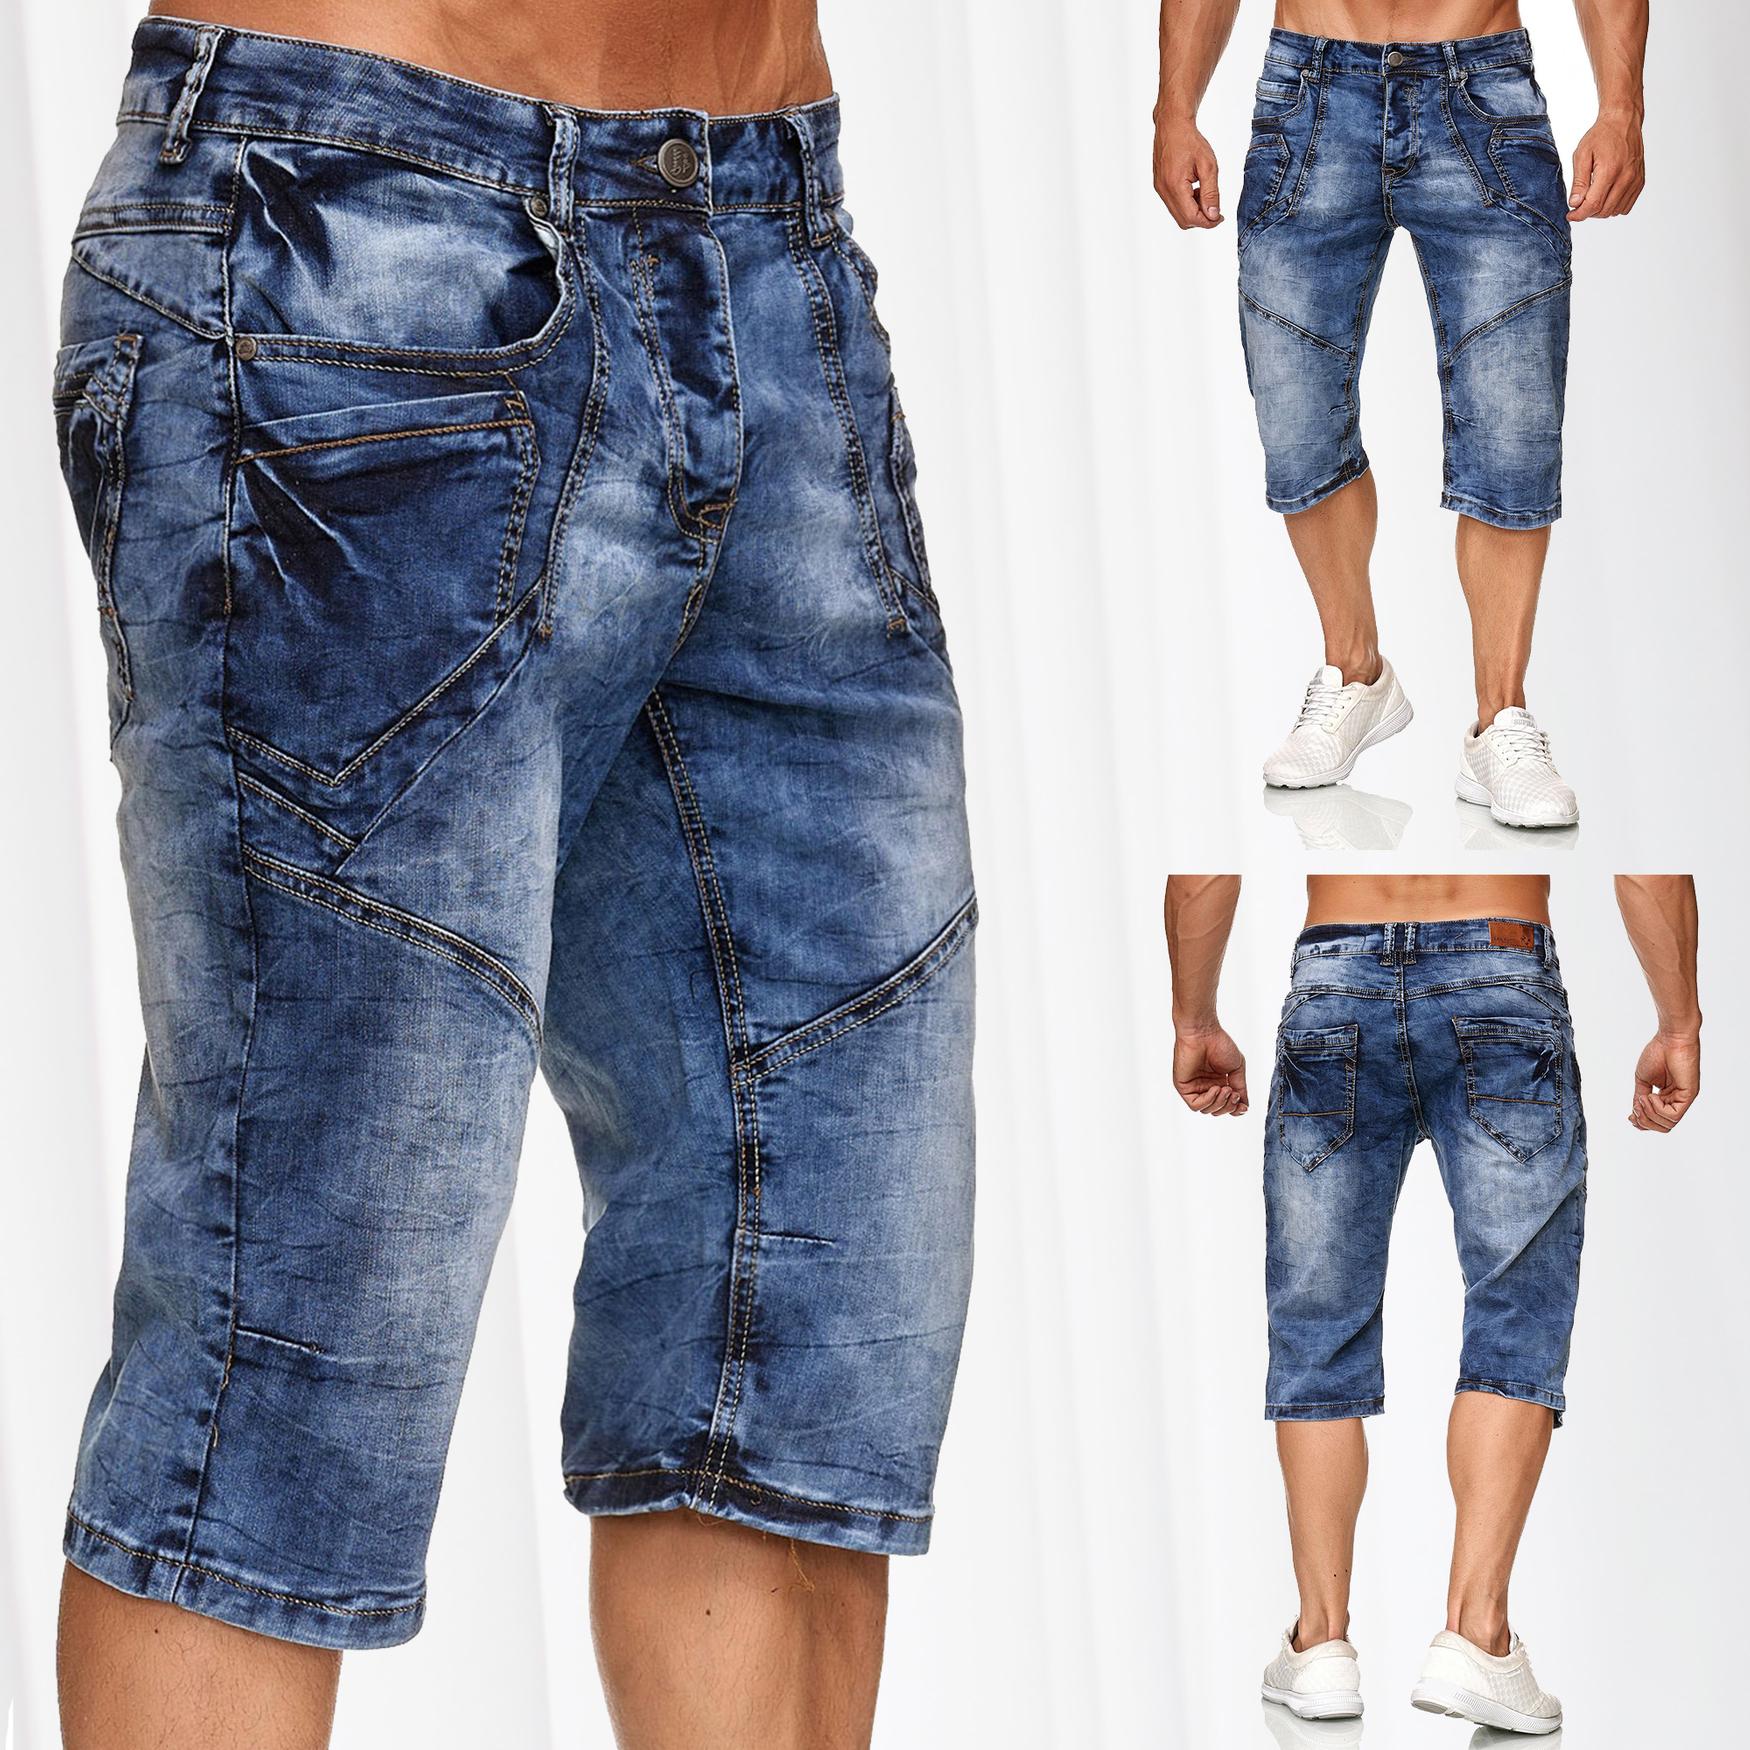 Strumpfhose unter shorts. ⚡ Jeans Shorts für Damen online